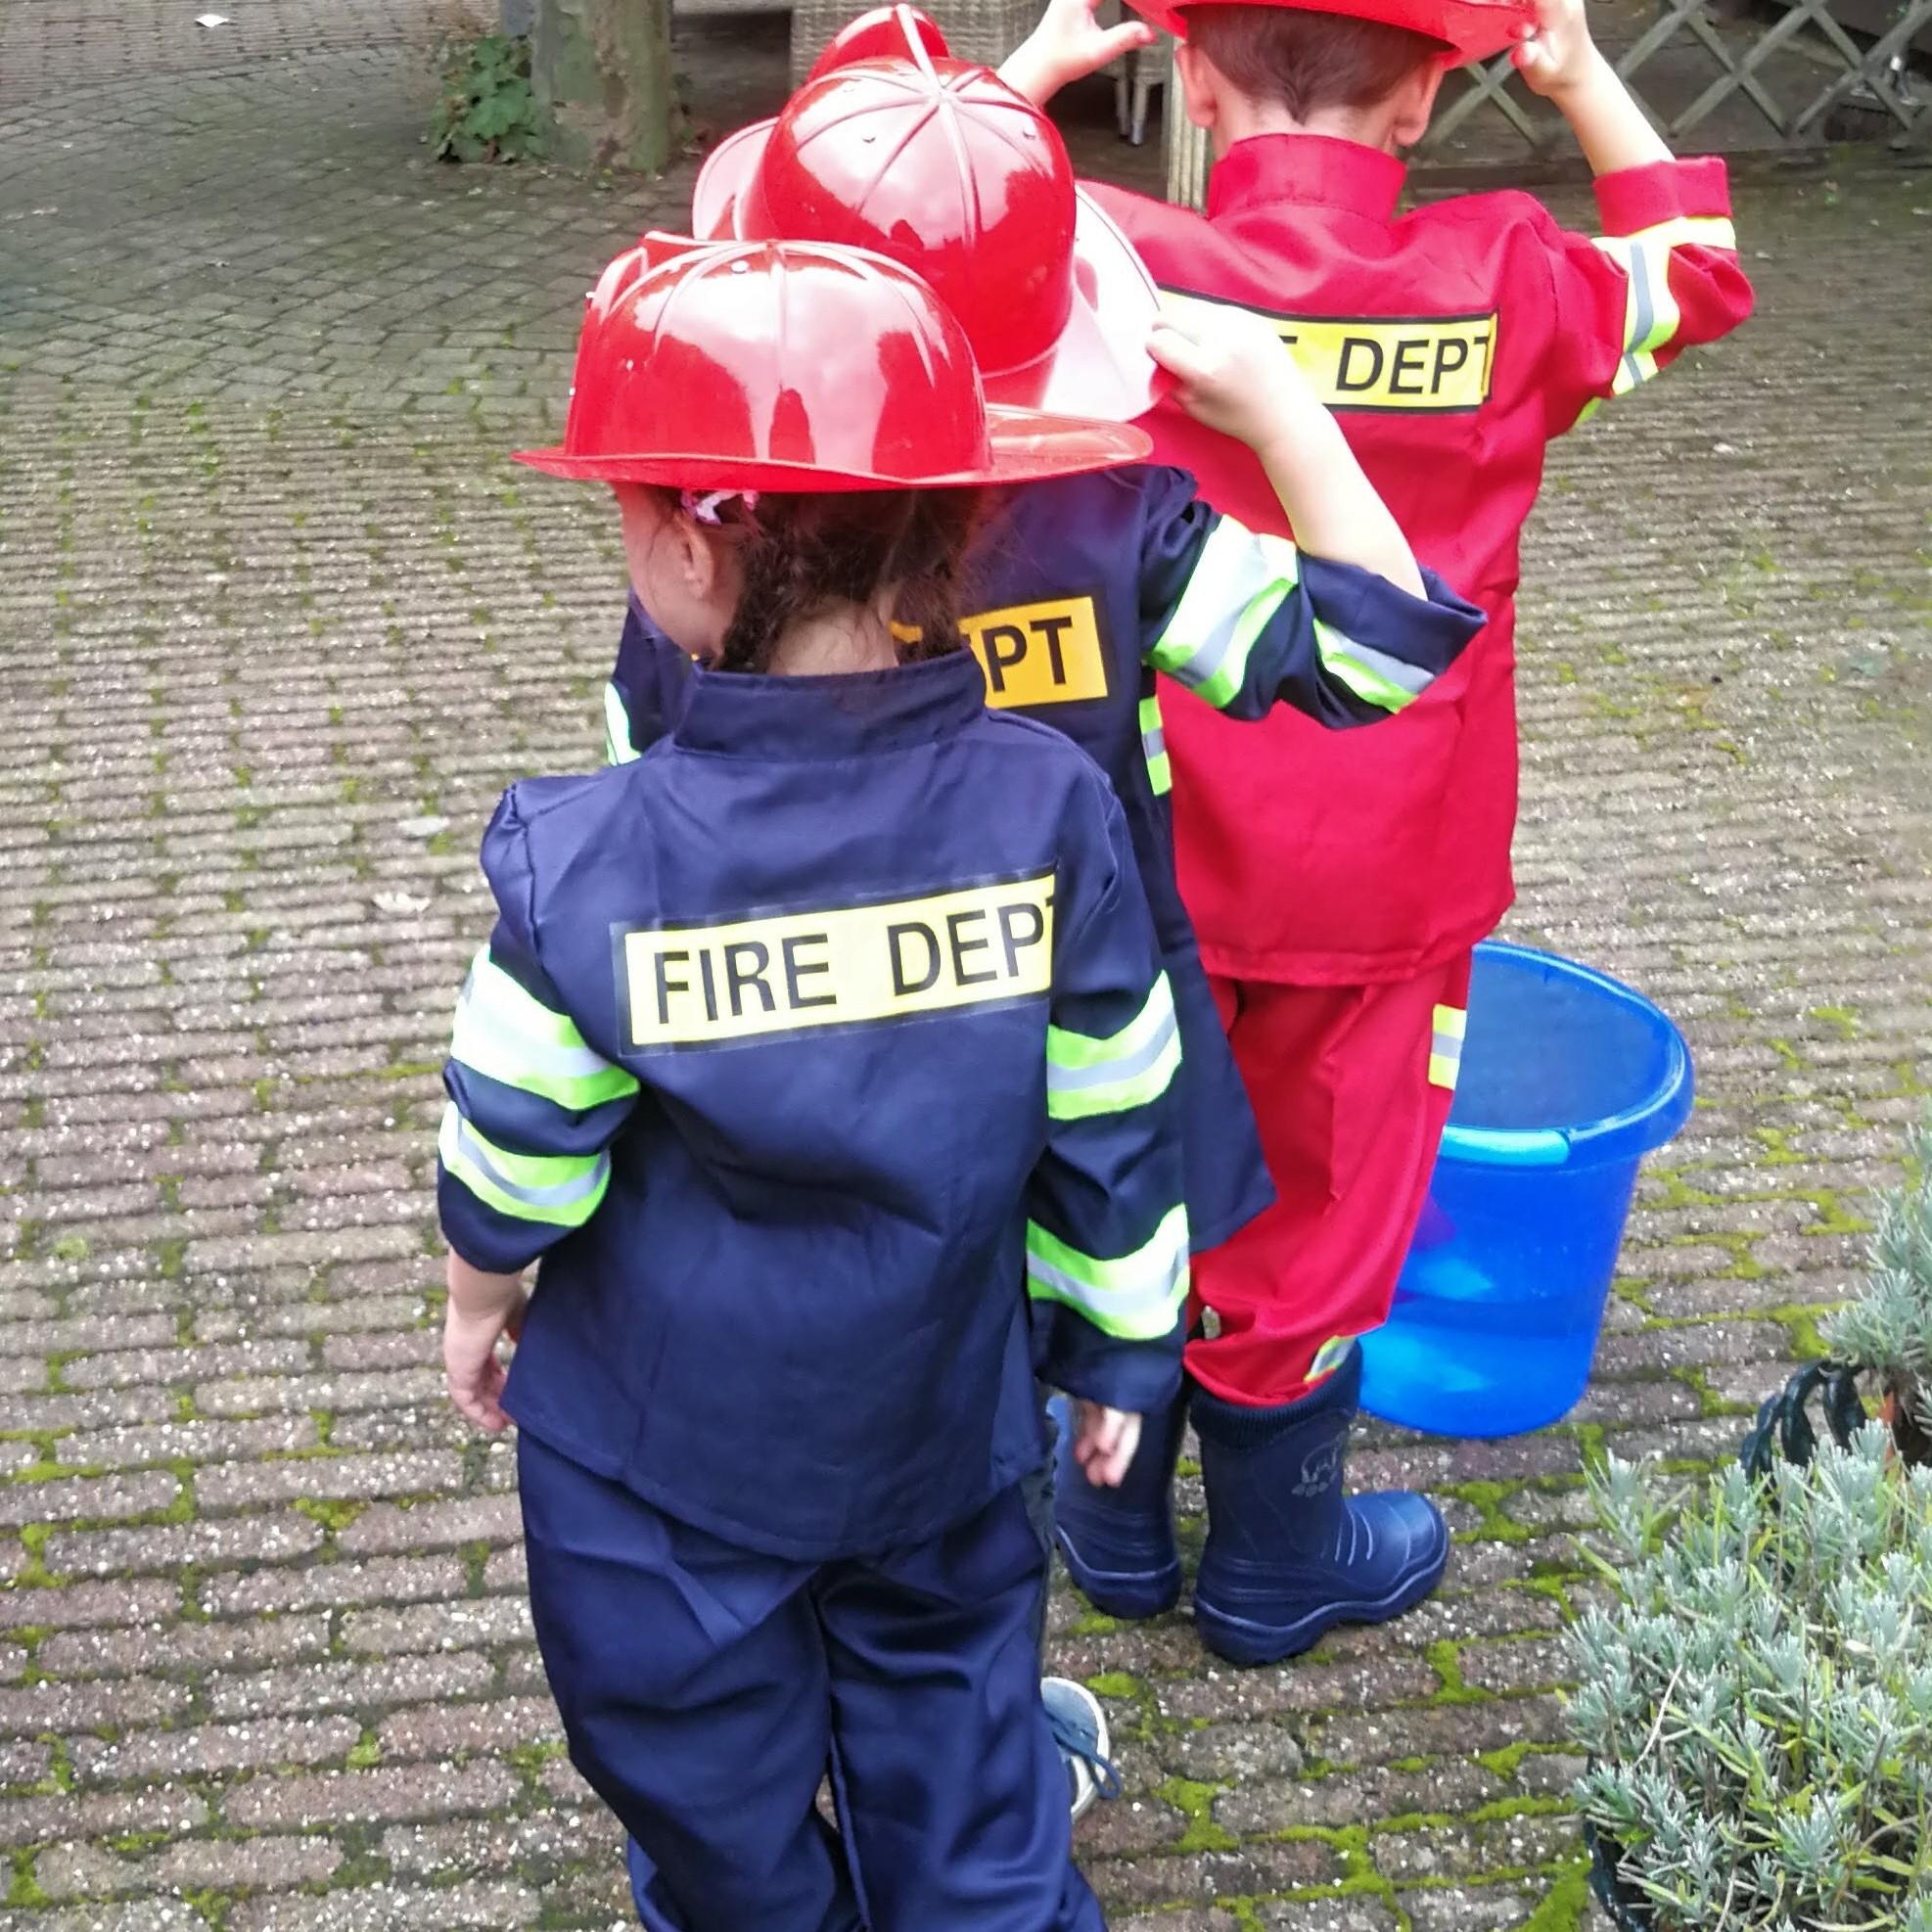 Brandweerfeestje kinderen